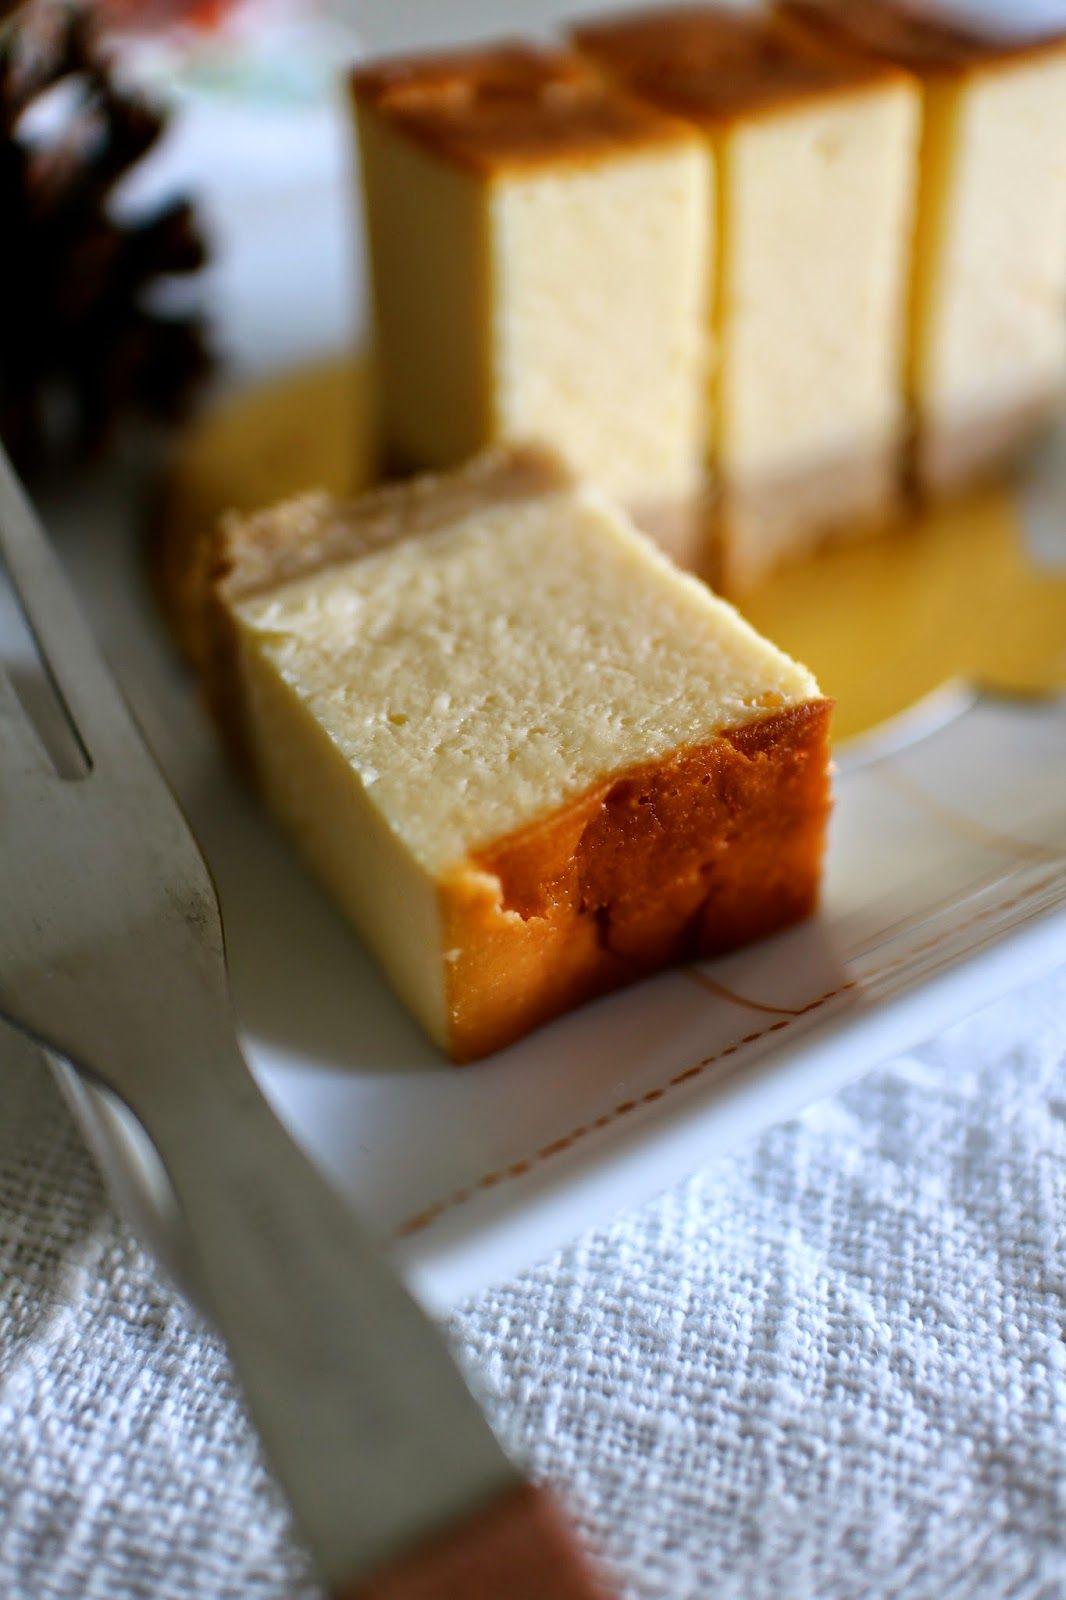 Janes corner 甜酒乳酪蛋糕sweet rice wine cheese cake